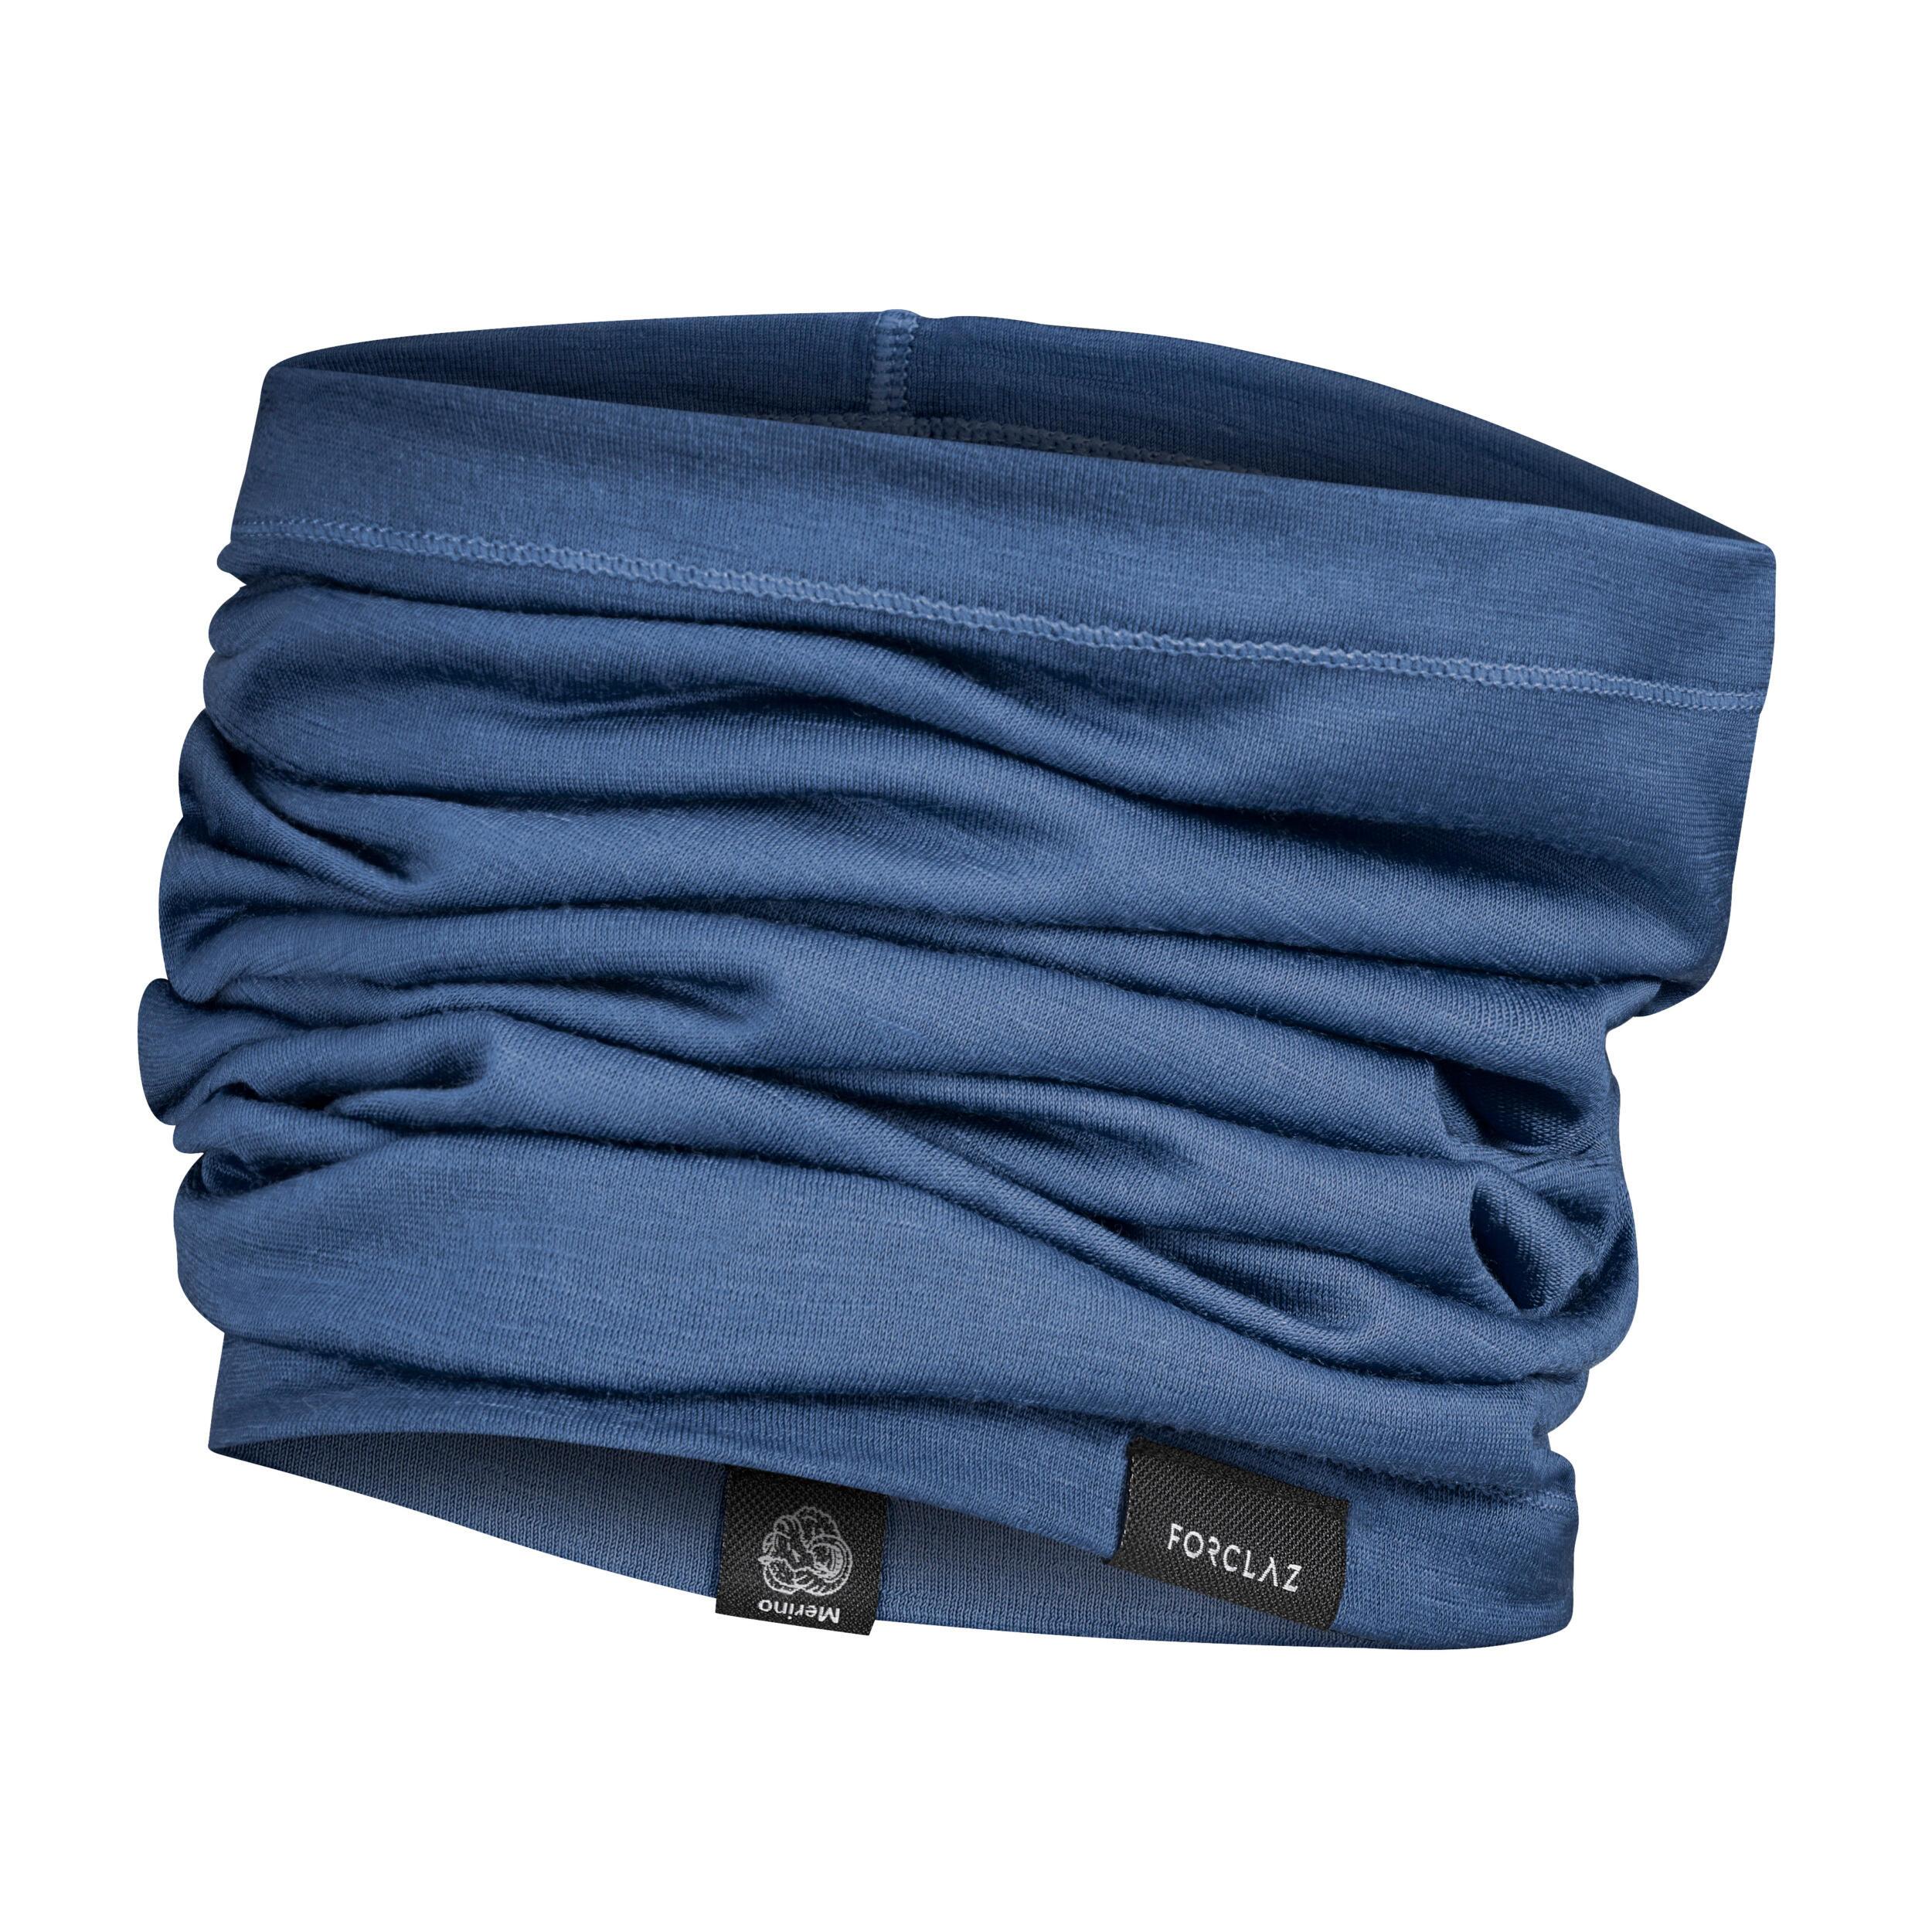 Multifunktionstuch Schlauchschal Trek 500 Merino blau